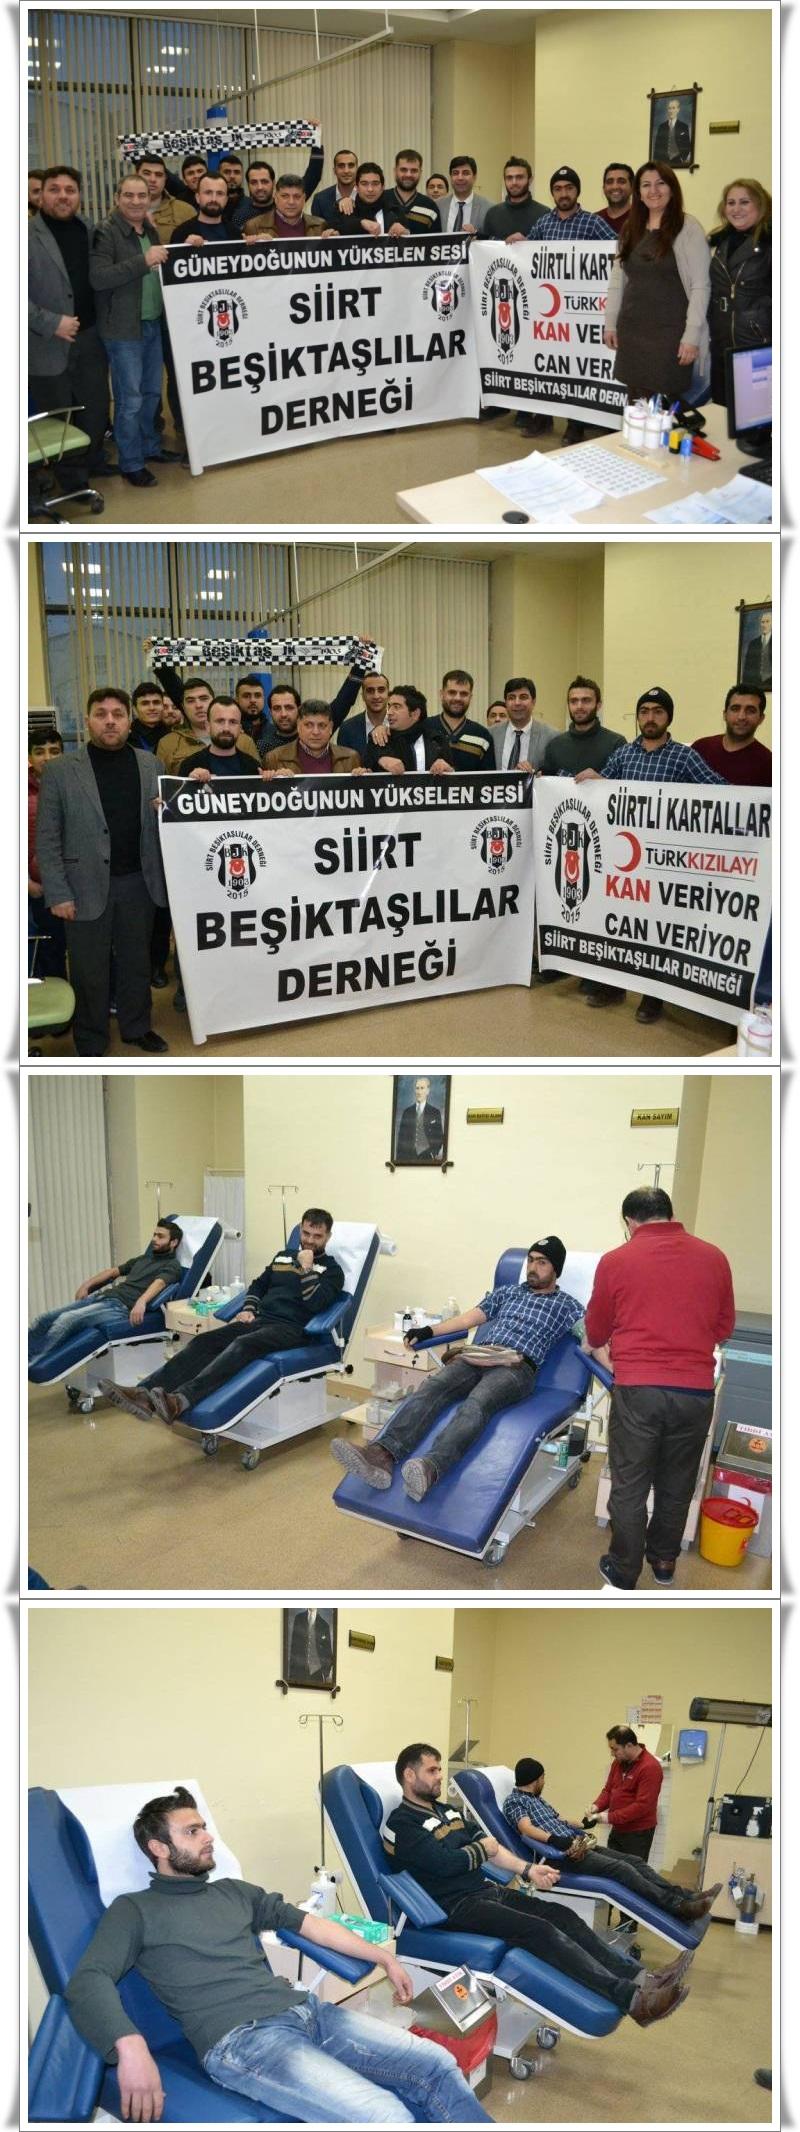 Beşiktaşlılar Derneği (1)-vert